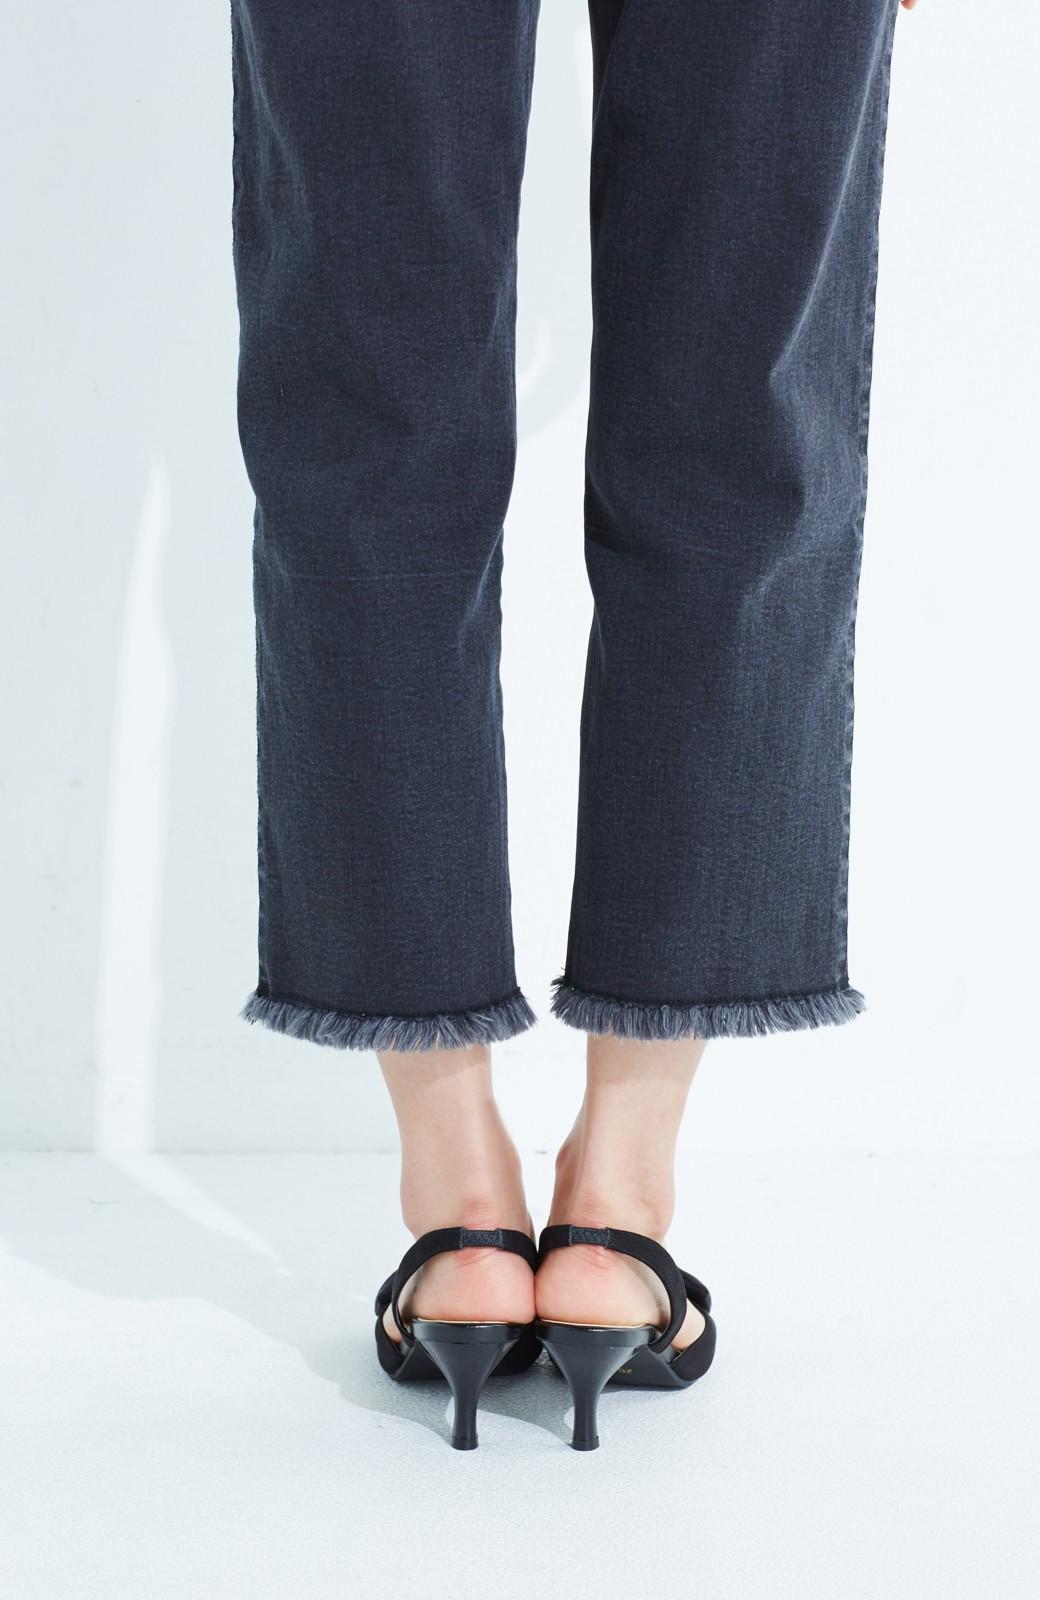 haco! 華奢ちょいヒールで気軽に女っぽくなれる バックストラップリボンパンプス <ブラック>の商品写真6